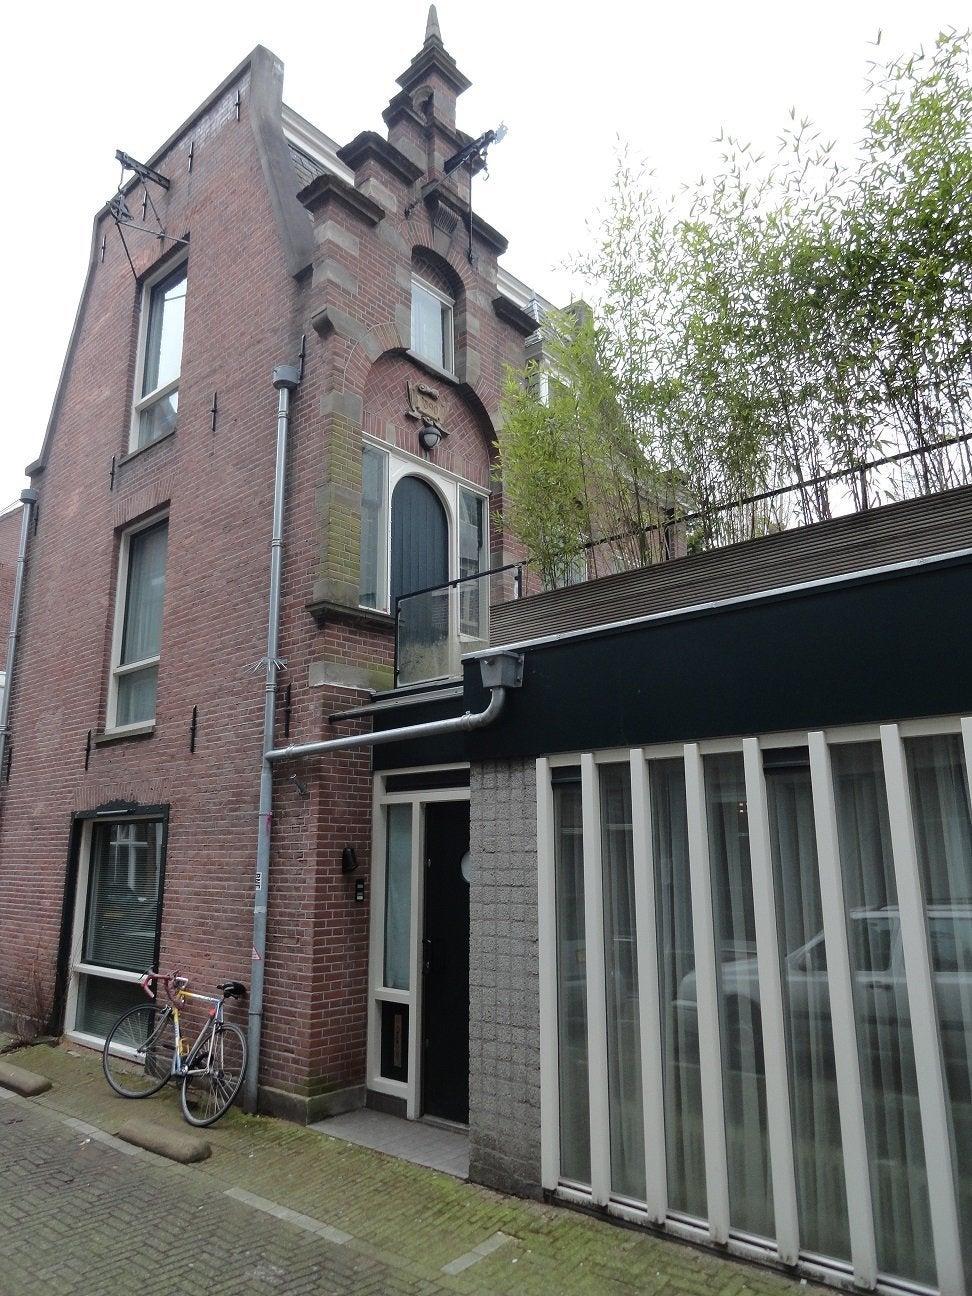 Palamedesstraat, Amsterdam